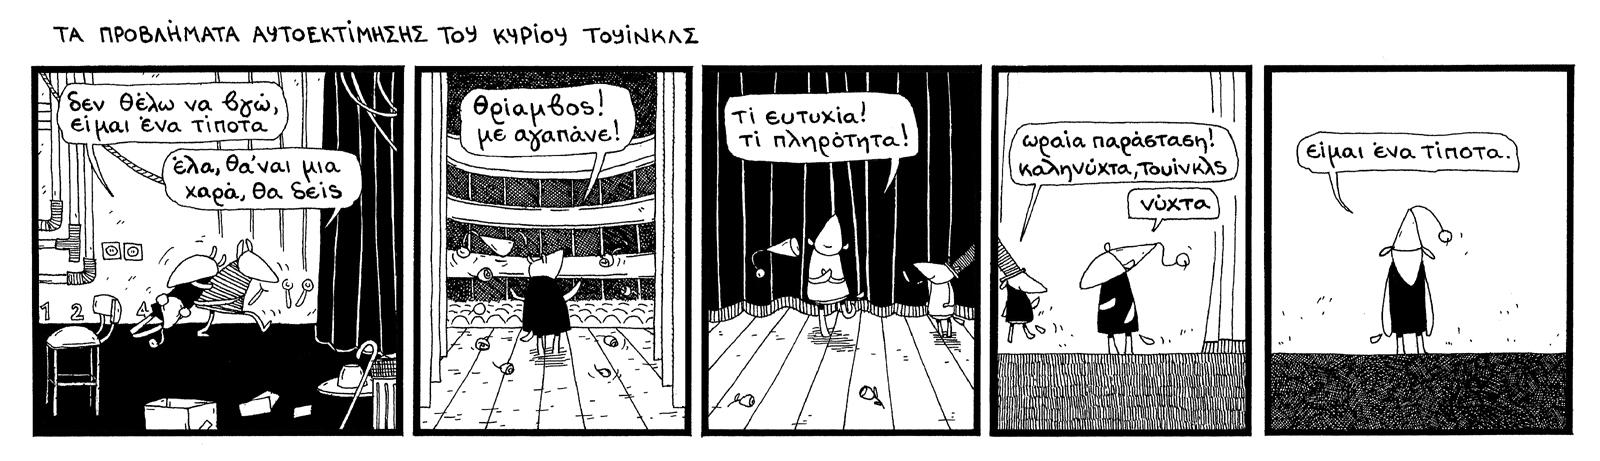 twinkles_